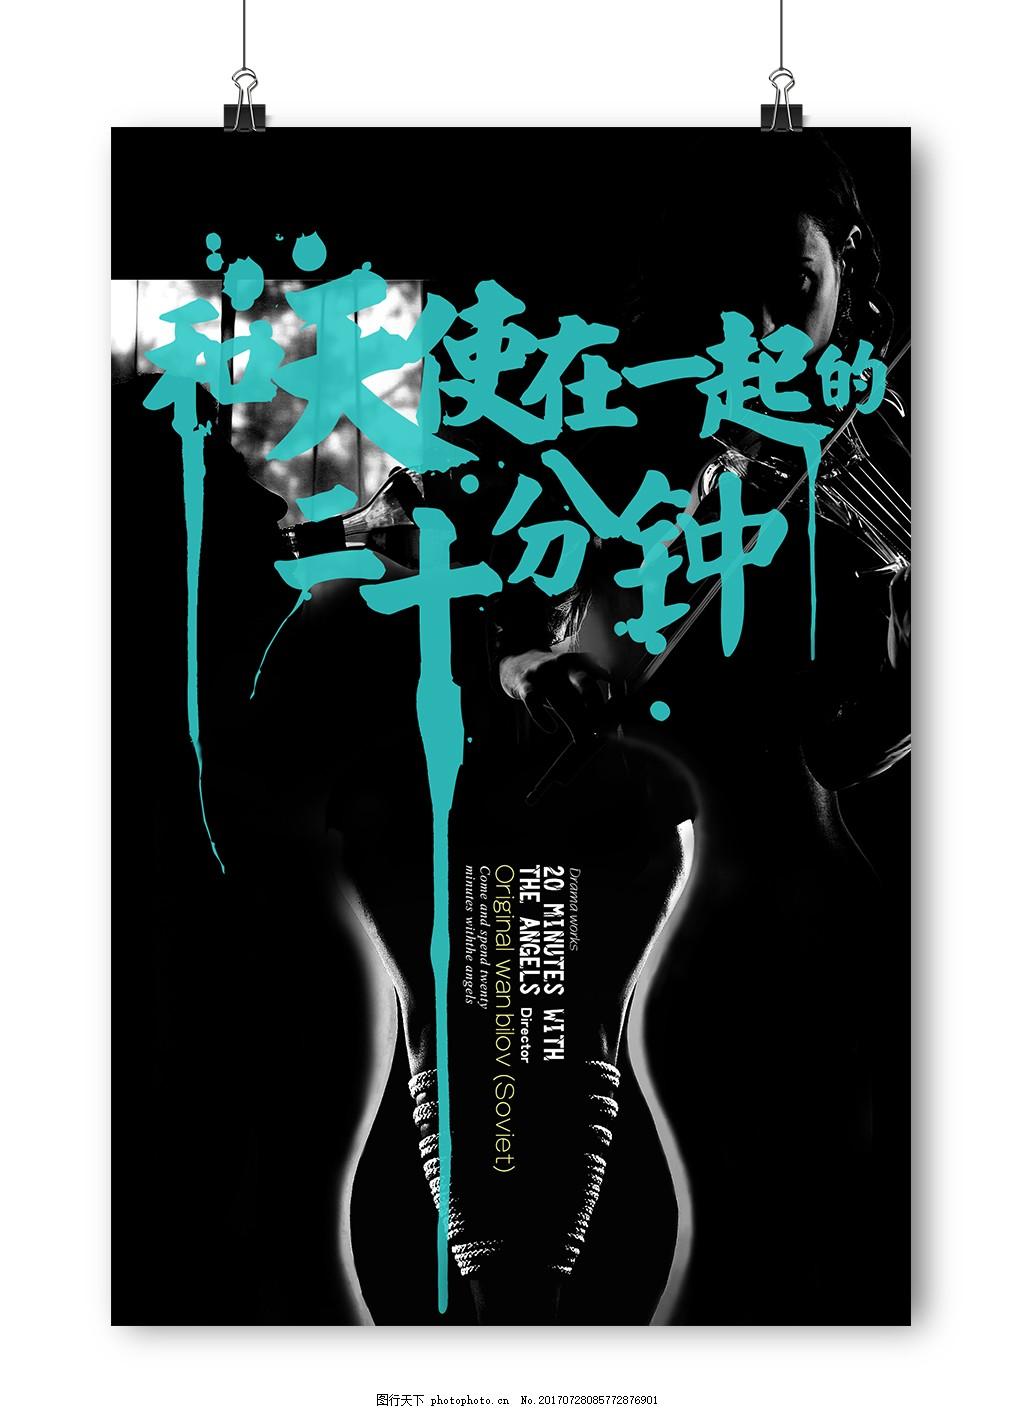 文艺黑白小提琴被捆绑的女人喝酒的剪影海报